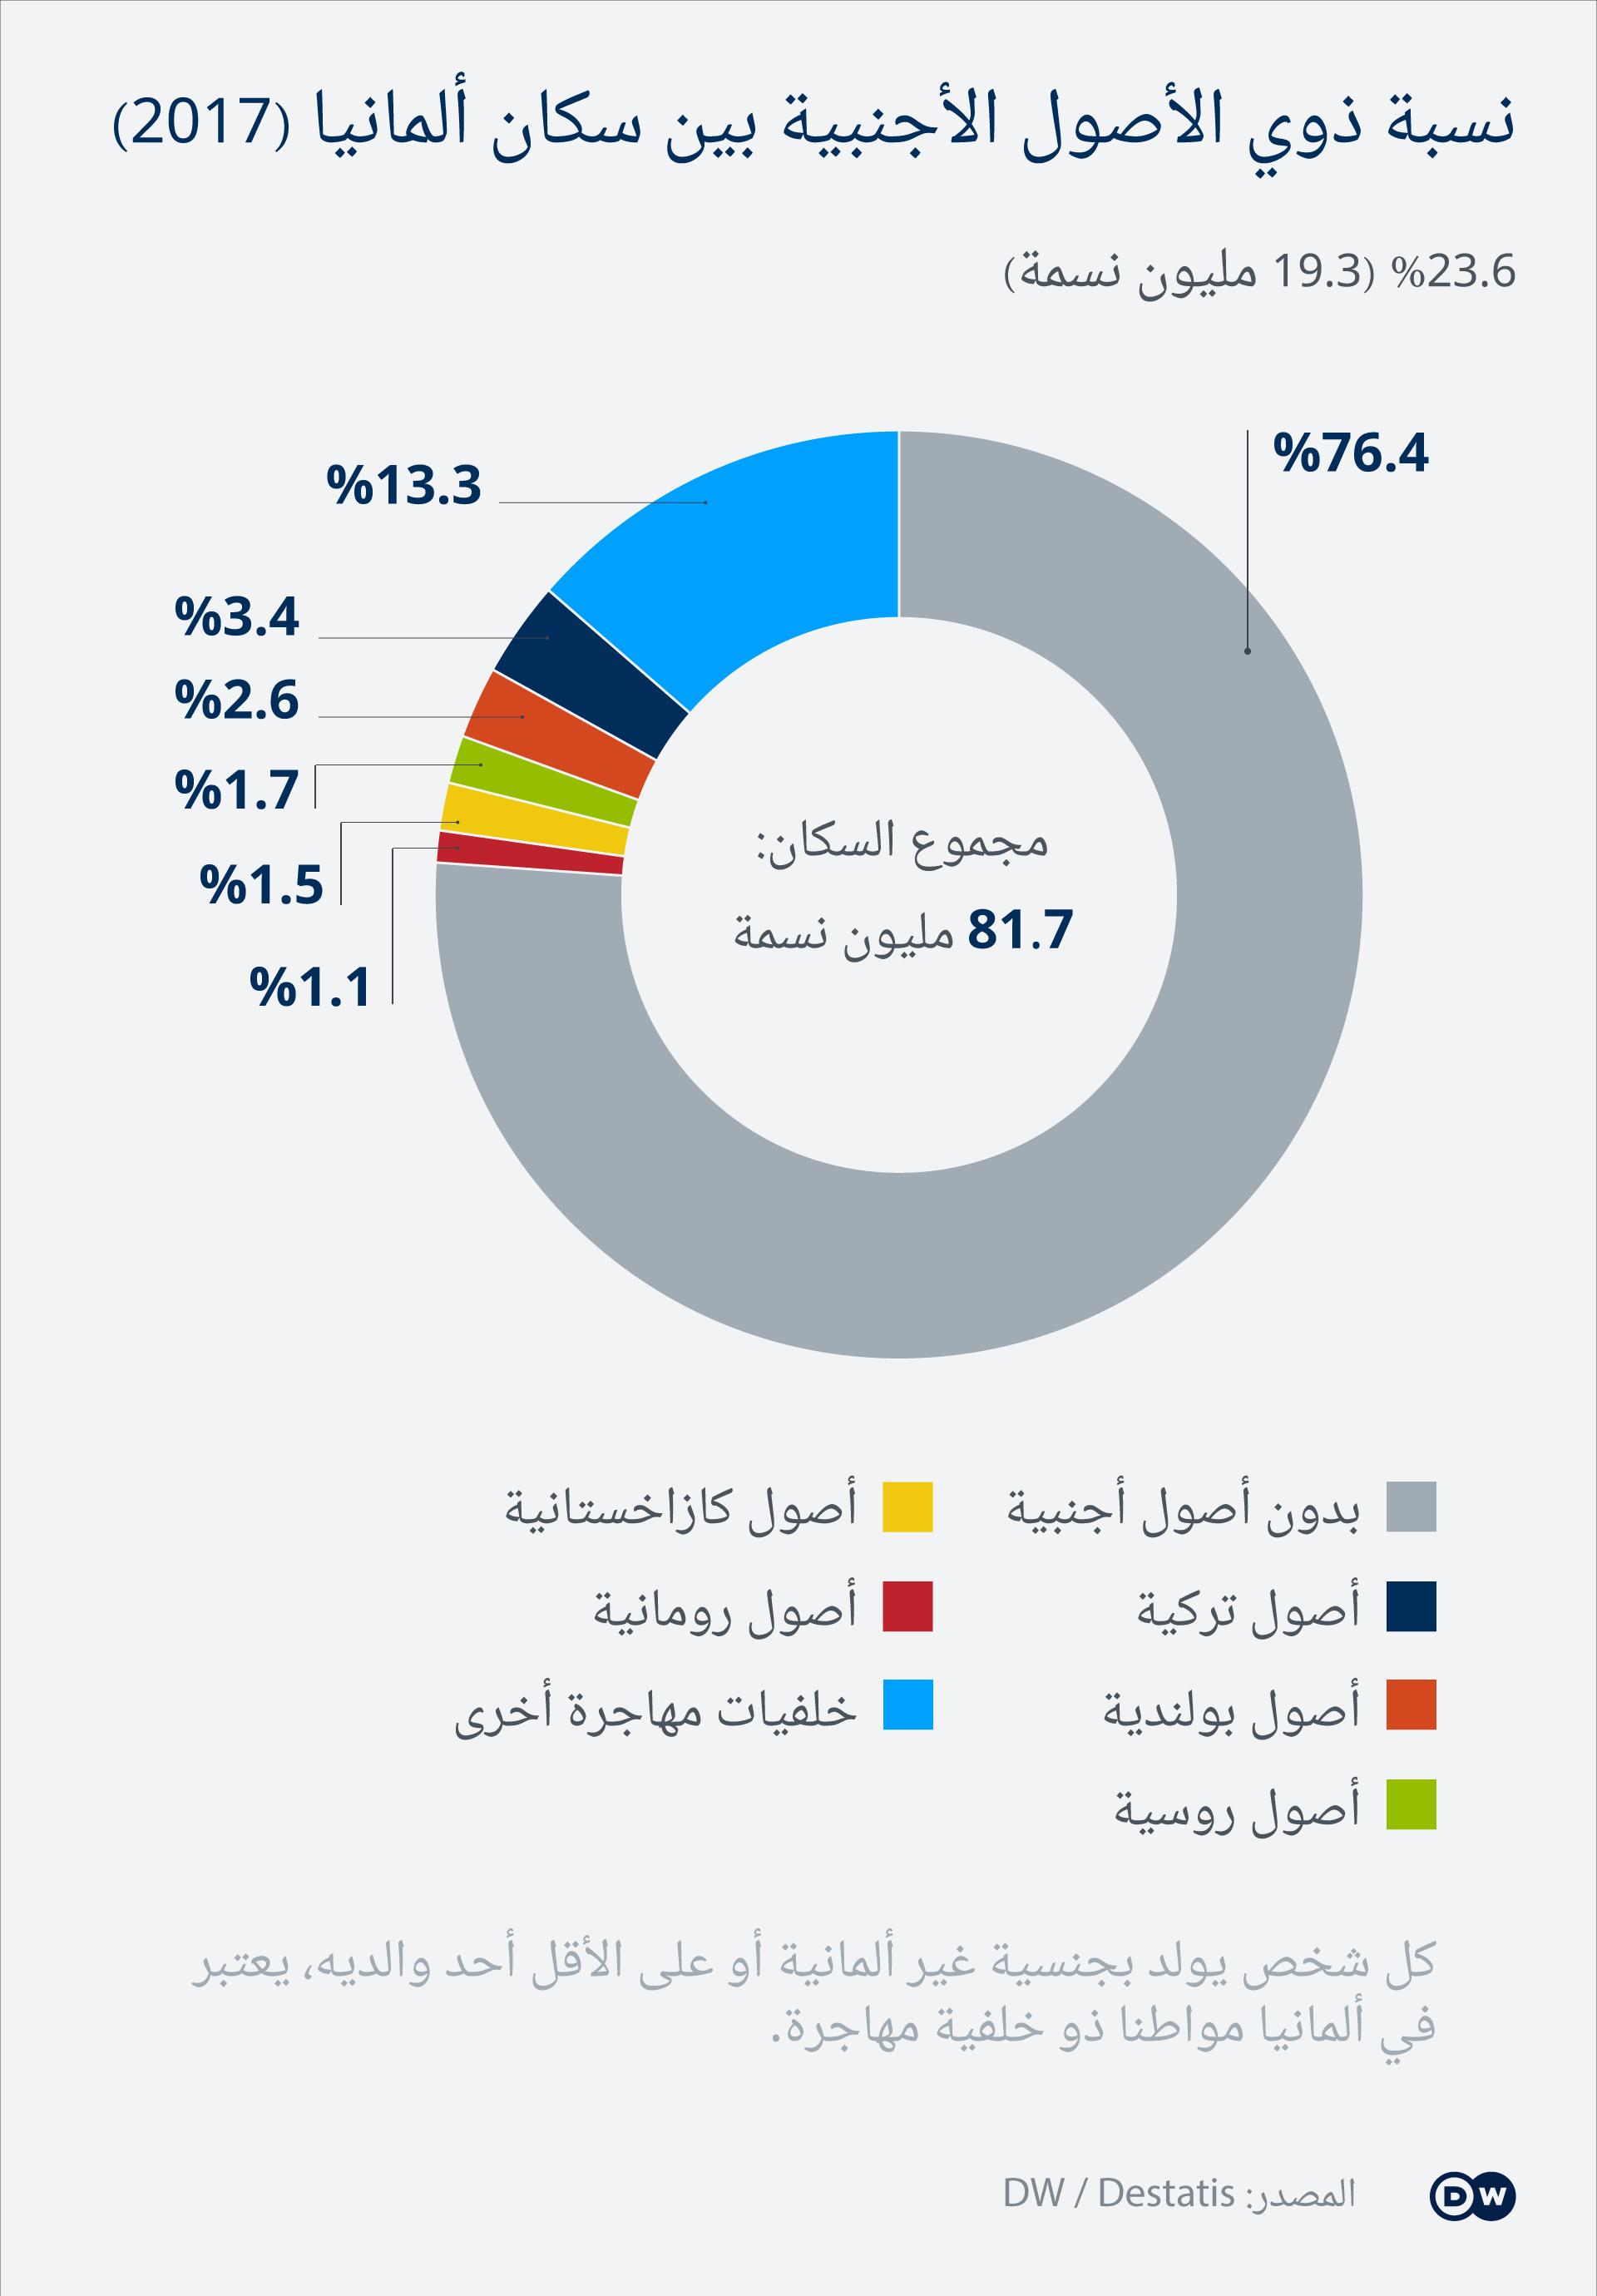 تجدر الإشارة هنا إلى أن البيانات التي يتضمنها الرسم البياني أعلاه تعود لعام 2017، ومنذ ذلك الحين تغيرت الأرقام بشكل كبير.